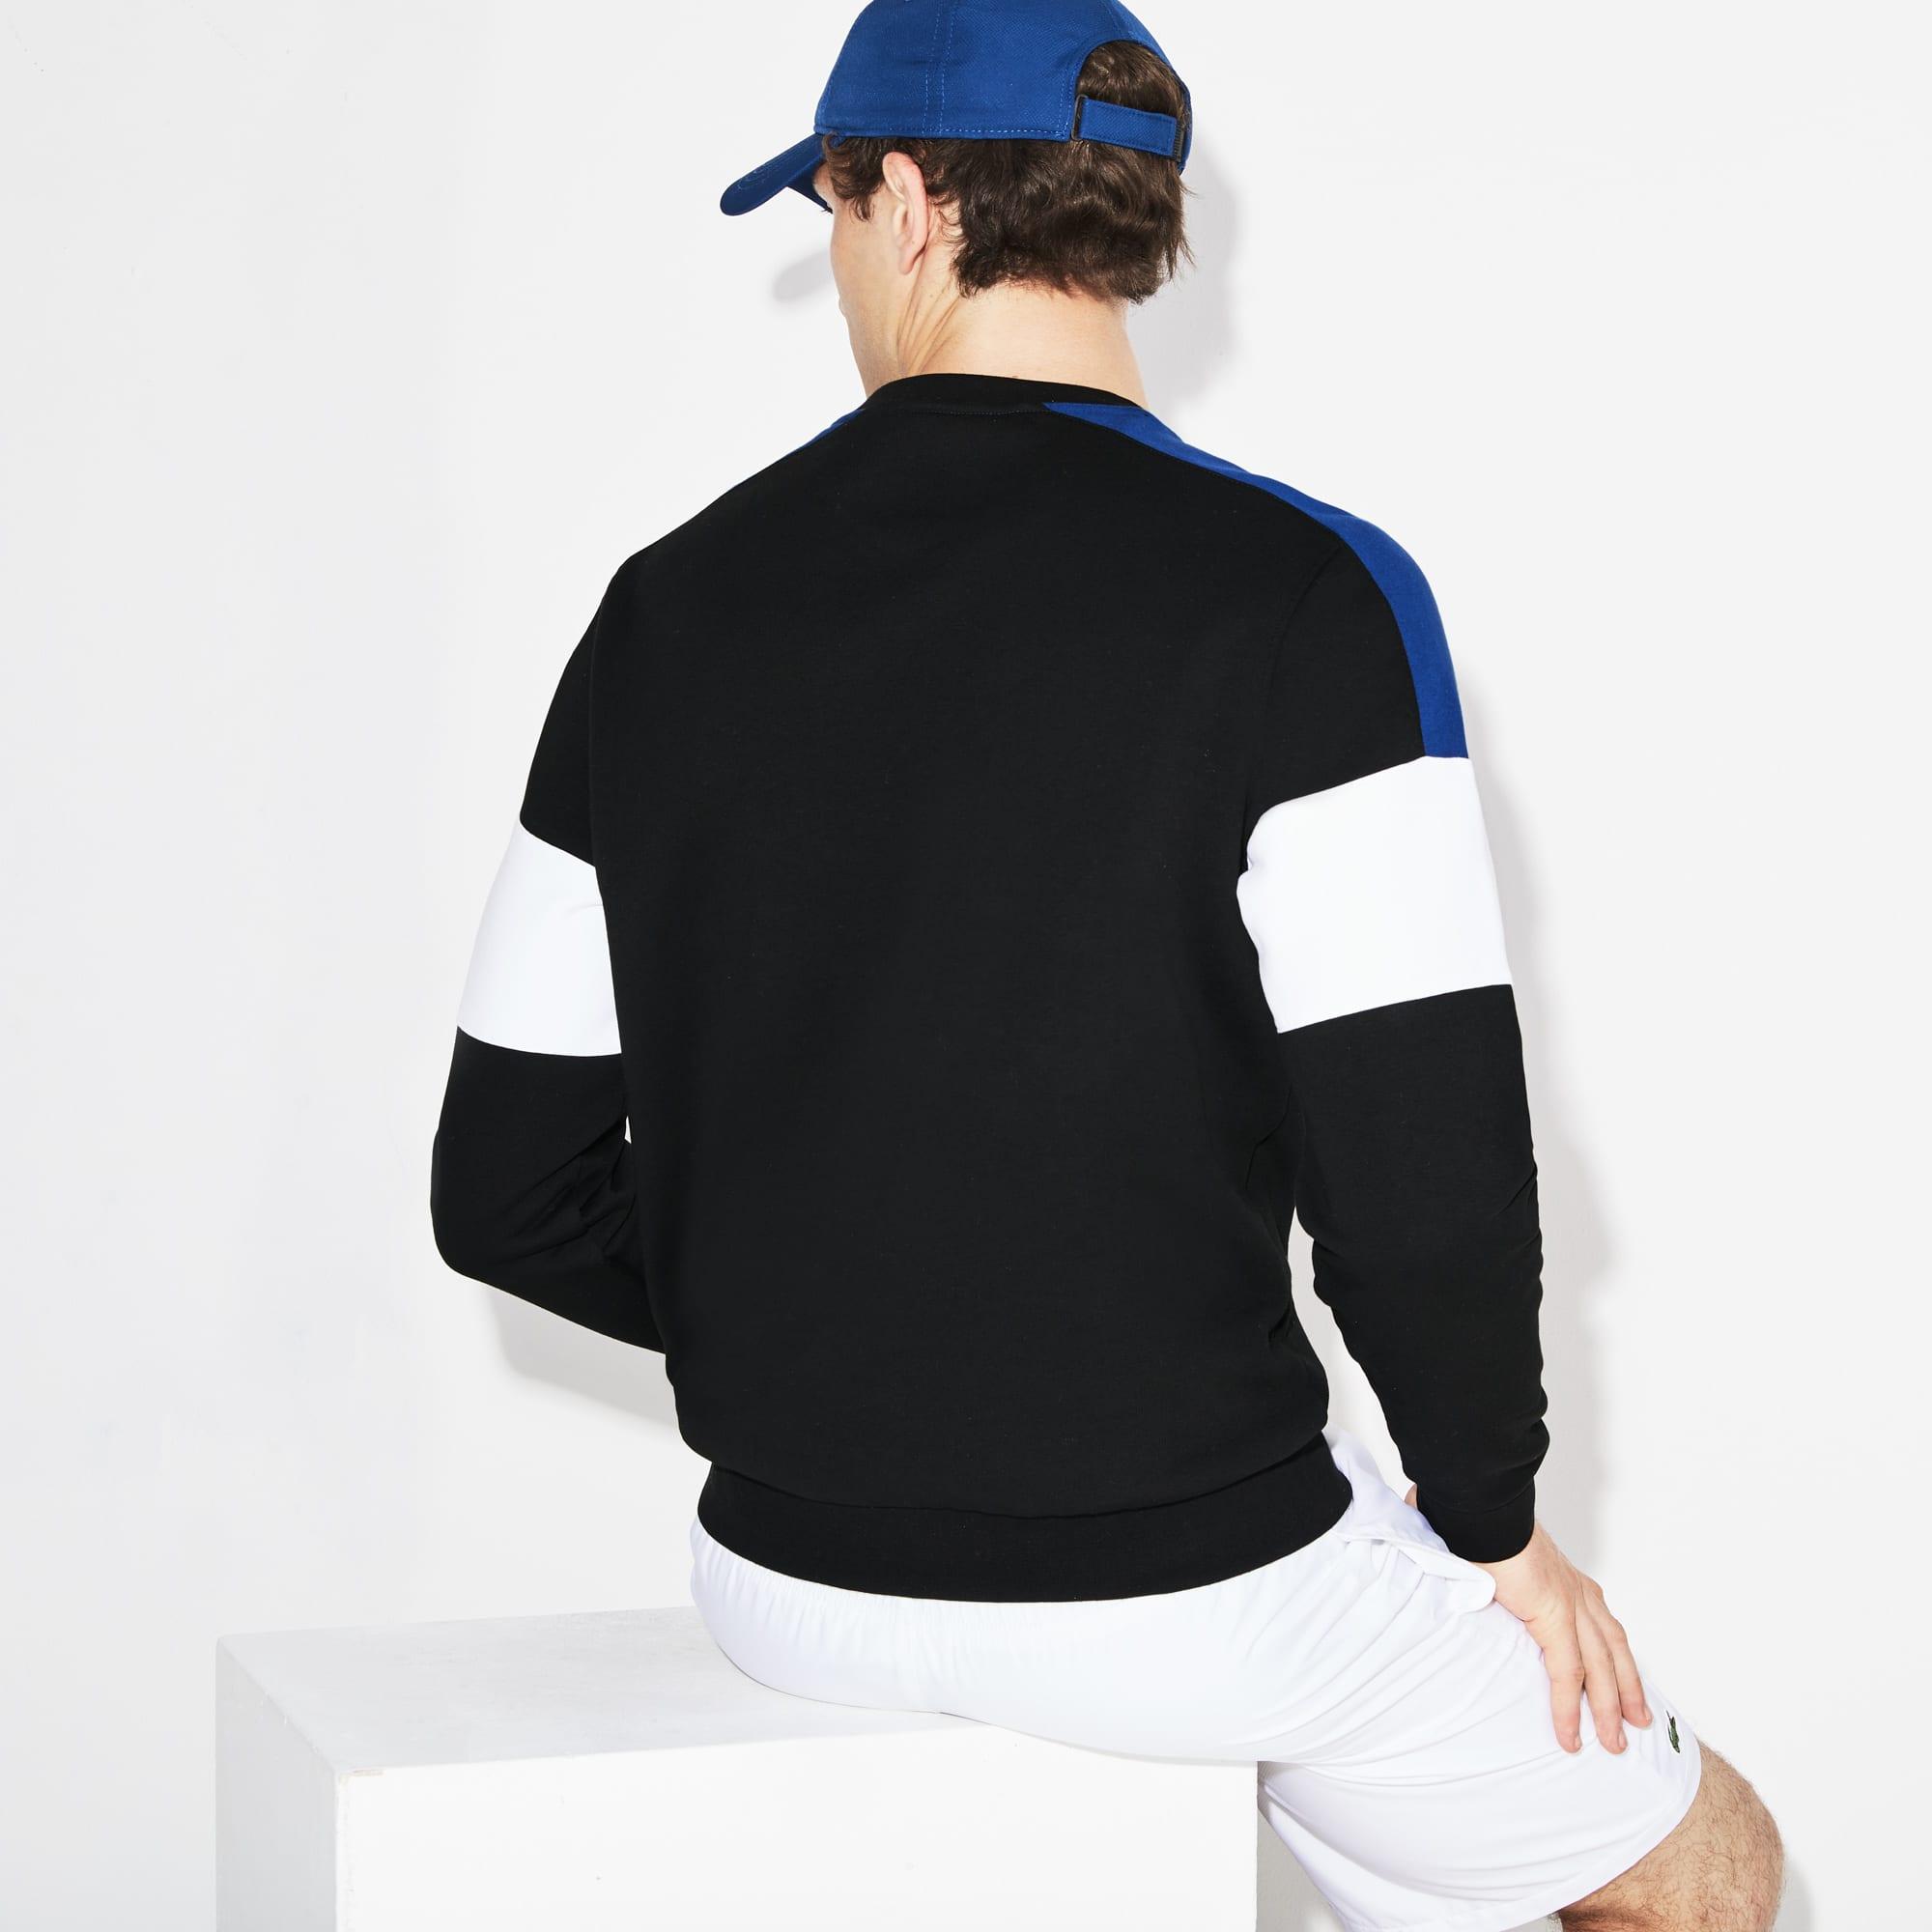 Sport Sweatshirt Men's Colorblock Fleece Tennis N8n0wm